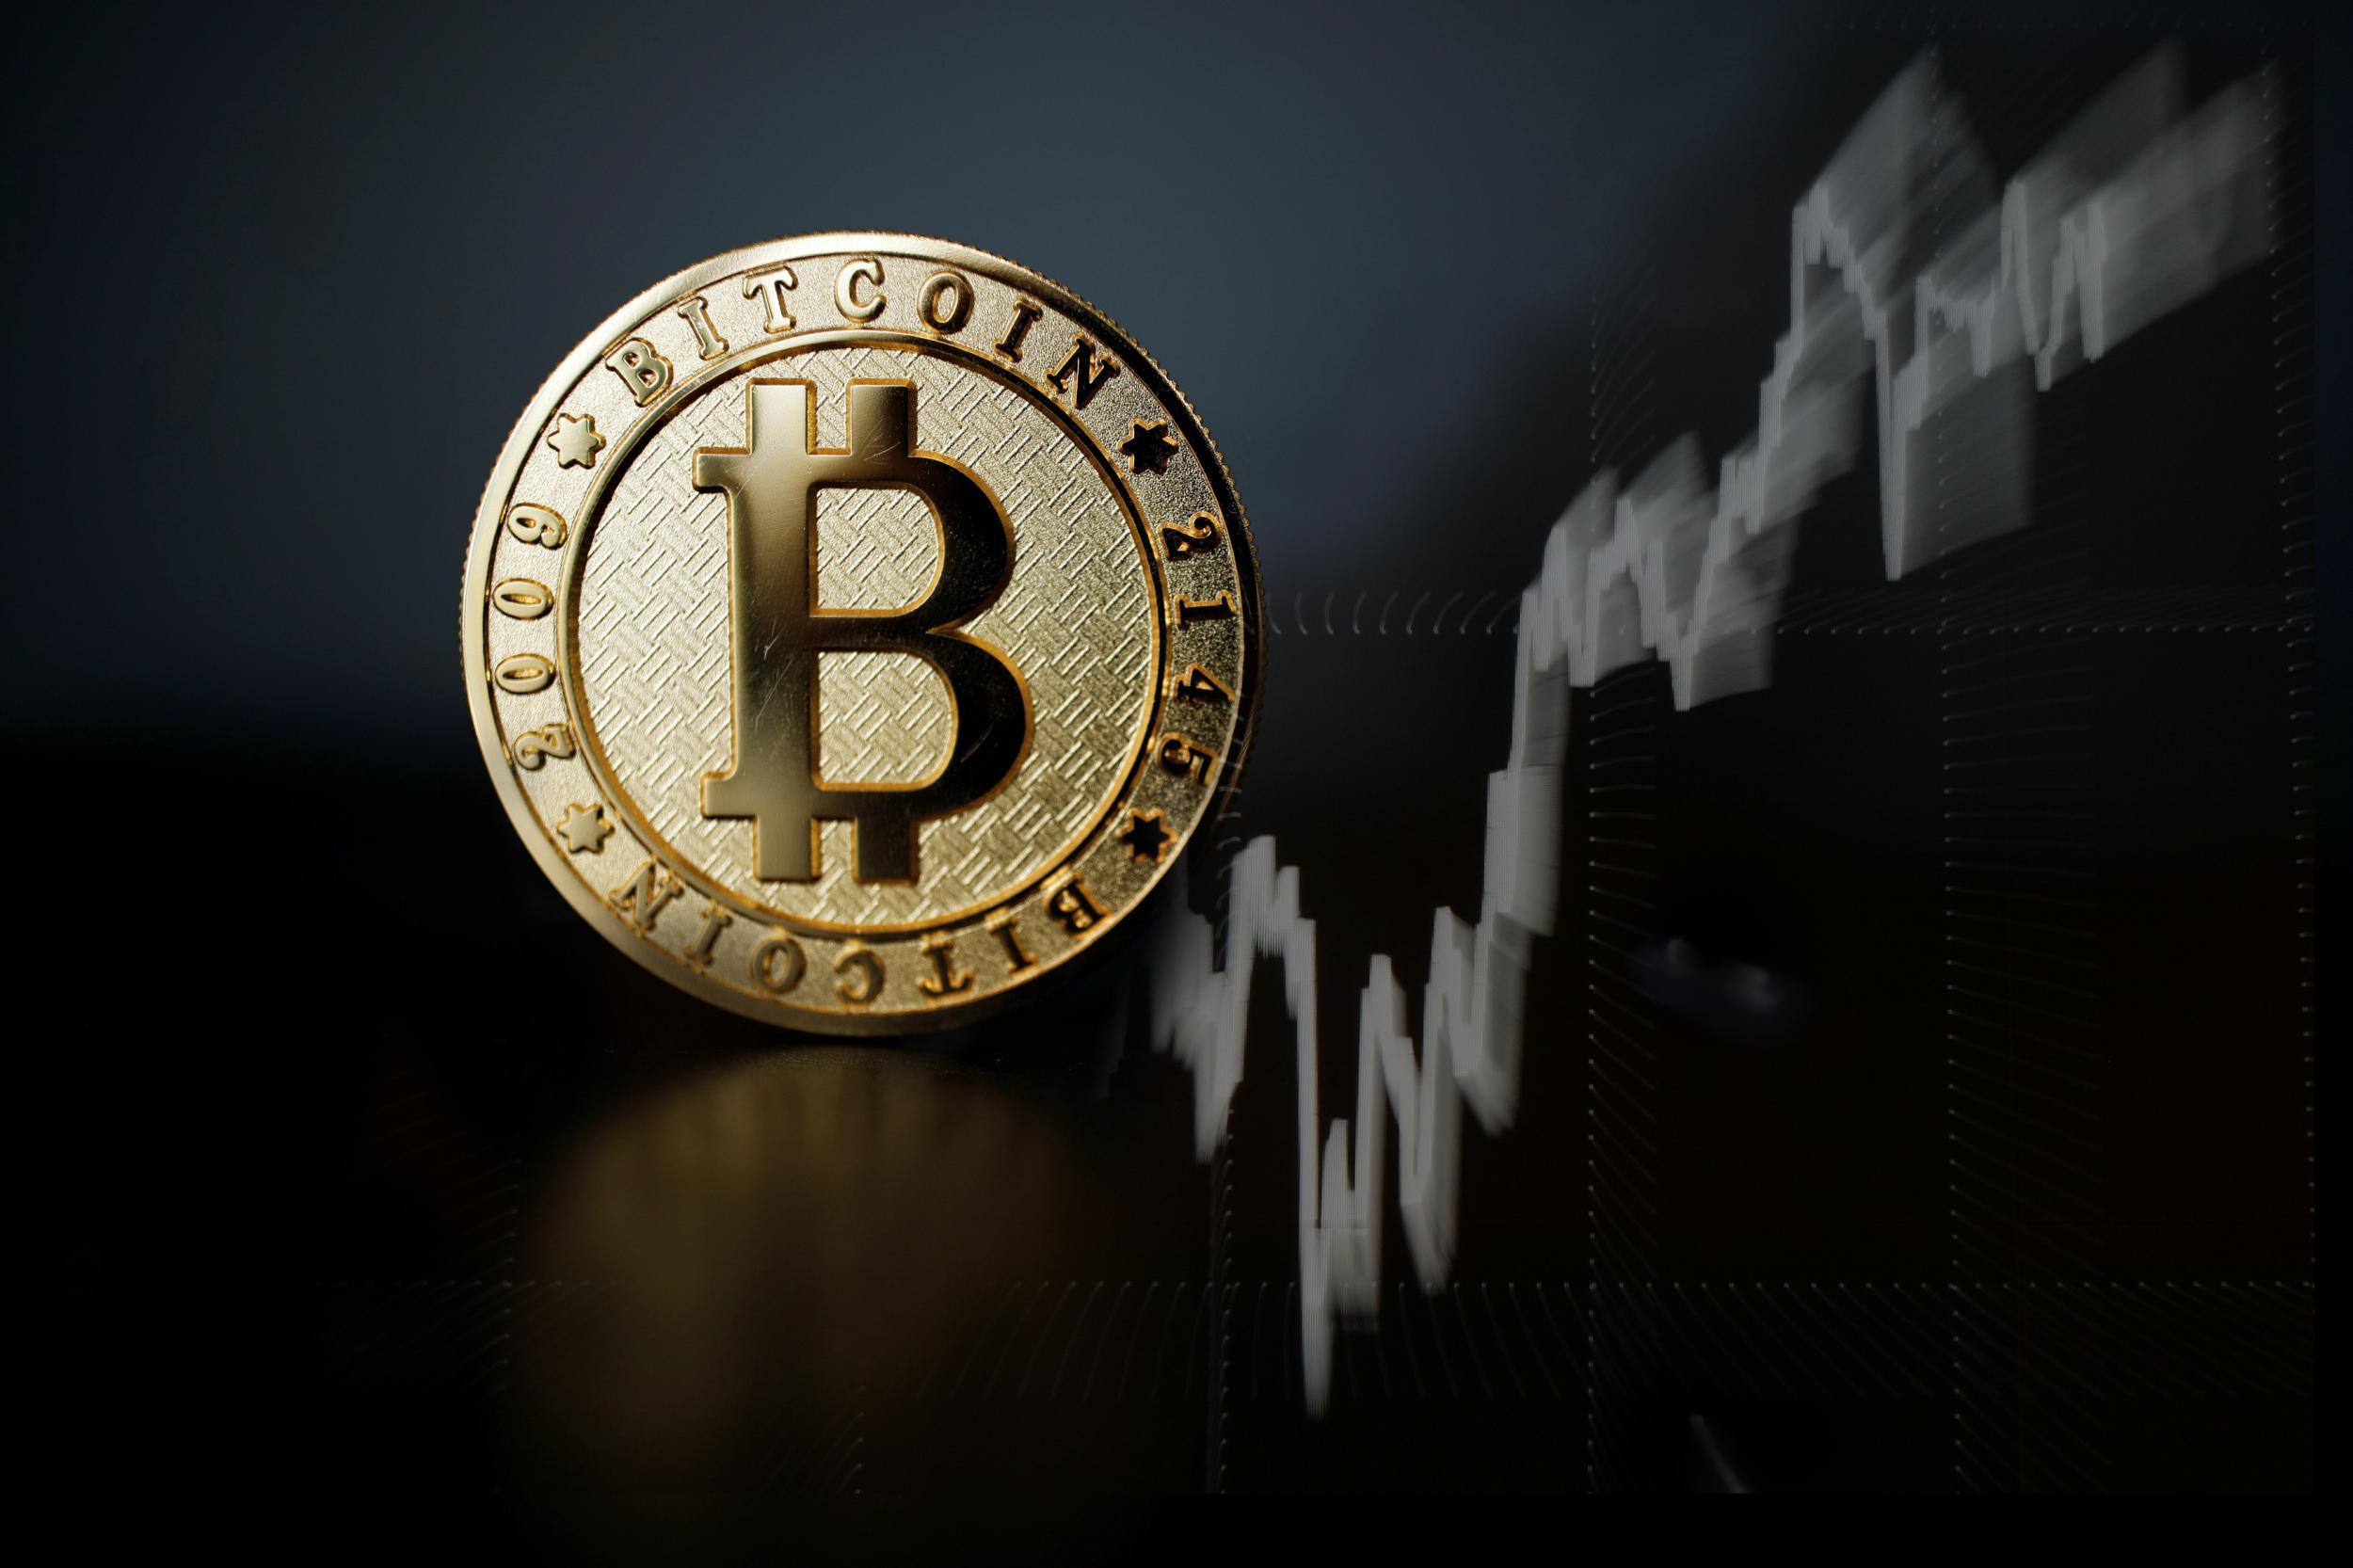 kripto dolar